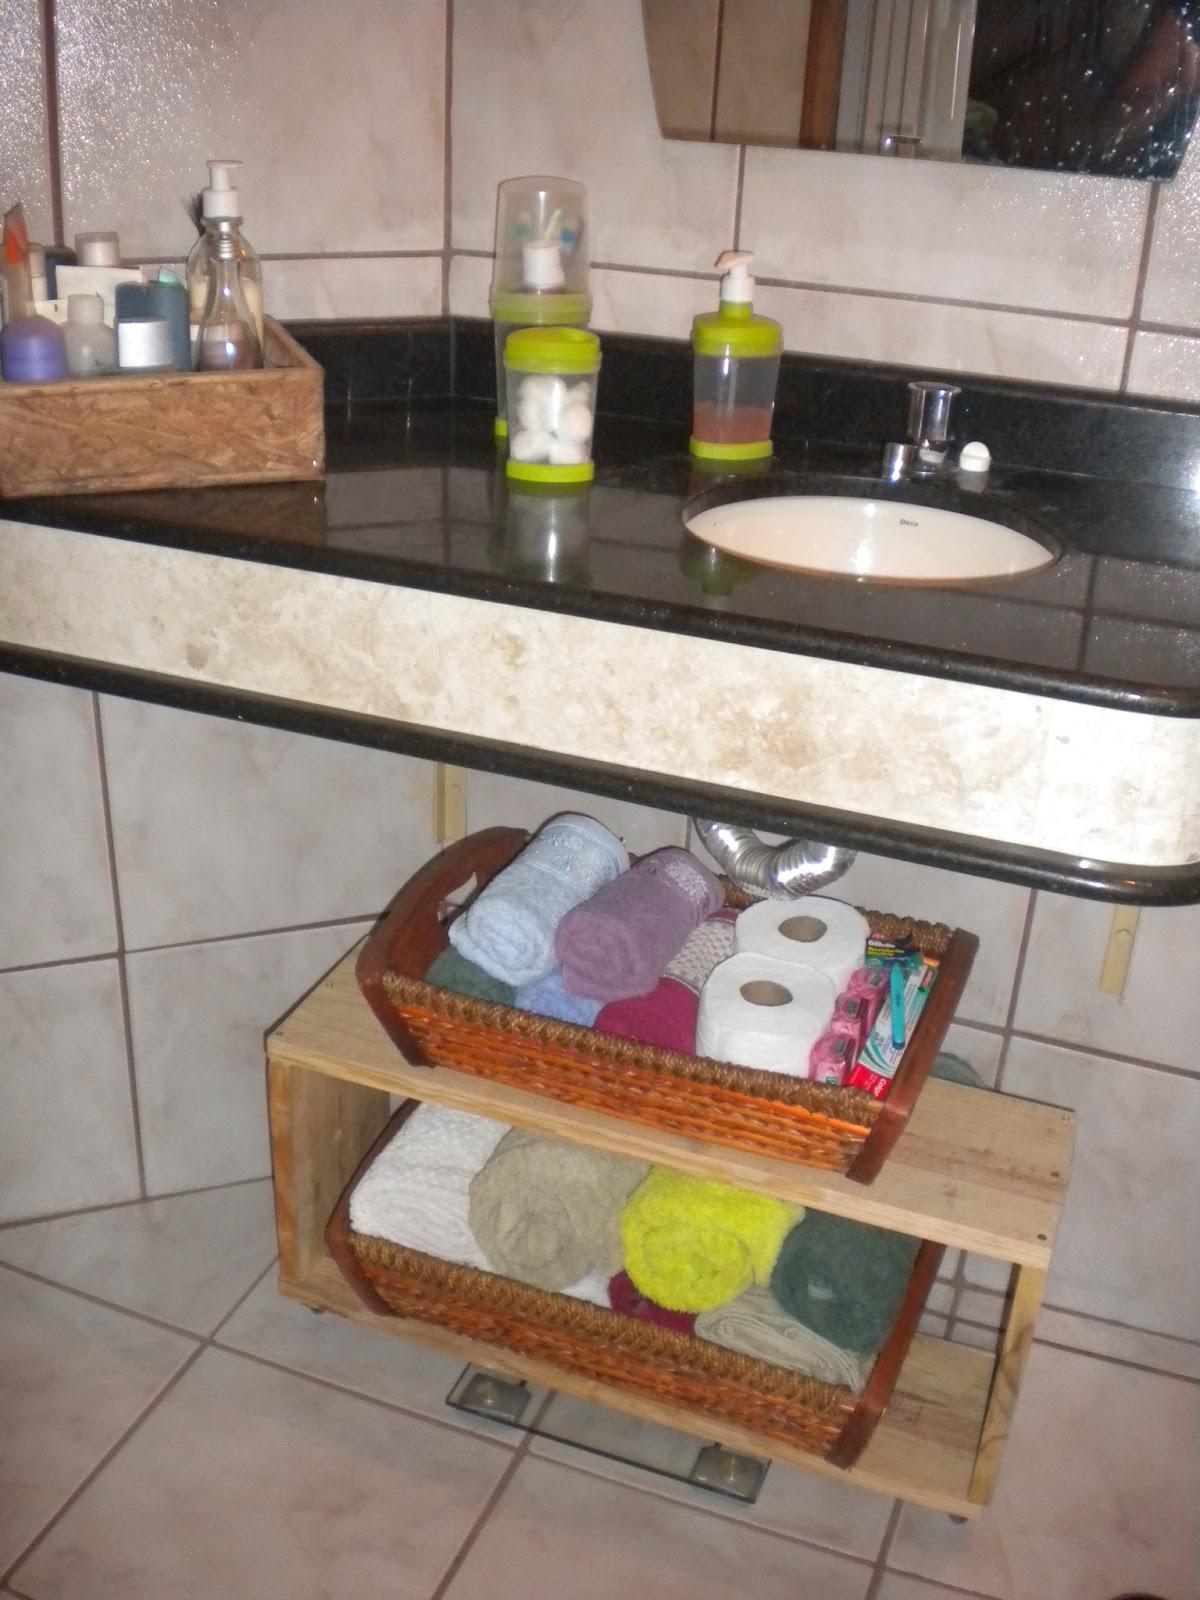 CASA & DECORAÇÃO FAÇA VOCÊ MESMO UM NINCHO PARA BANHEIRO -> Faca Voce Mesmo Decoracao De Banheiro